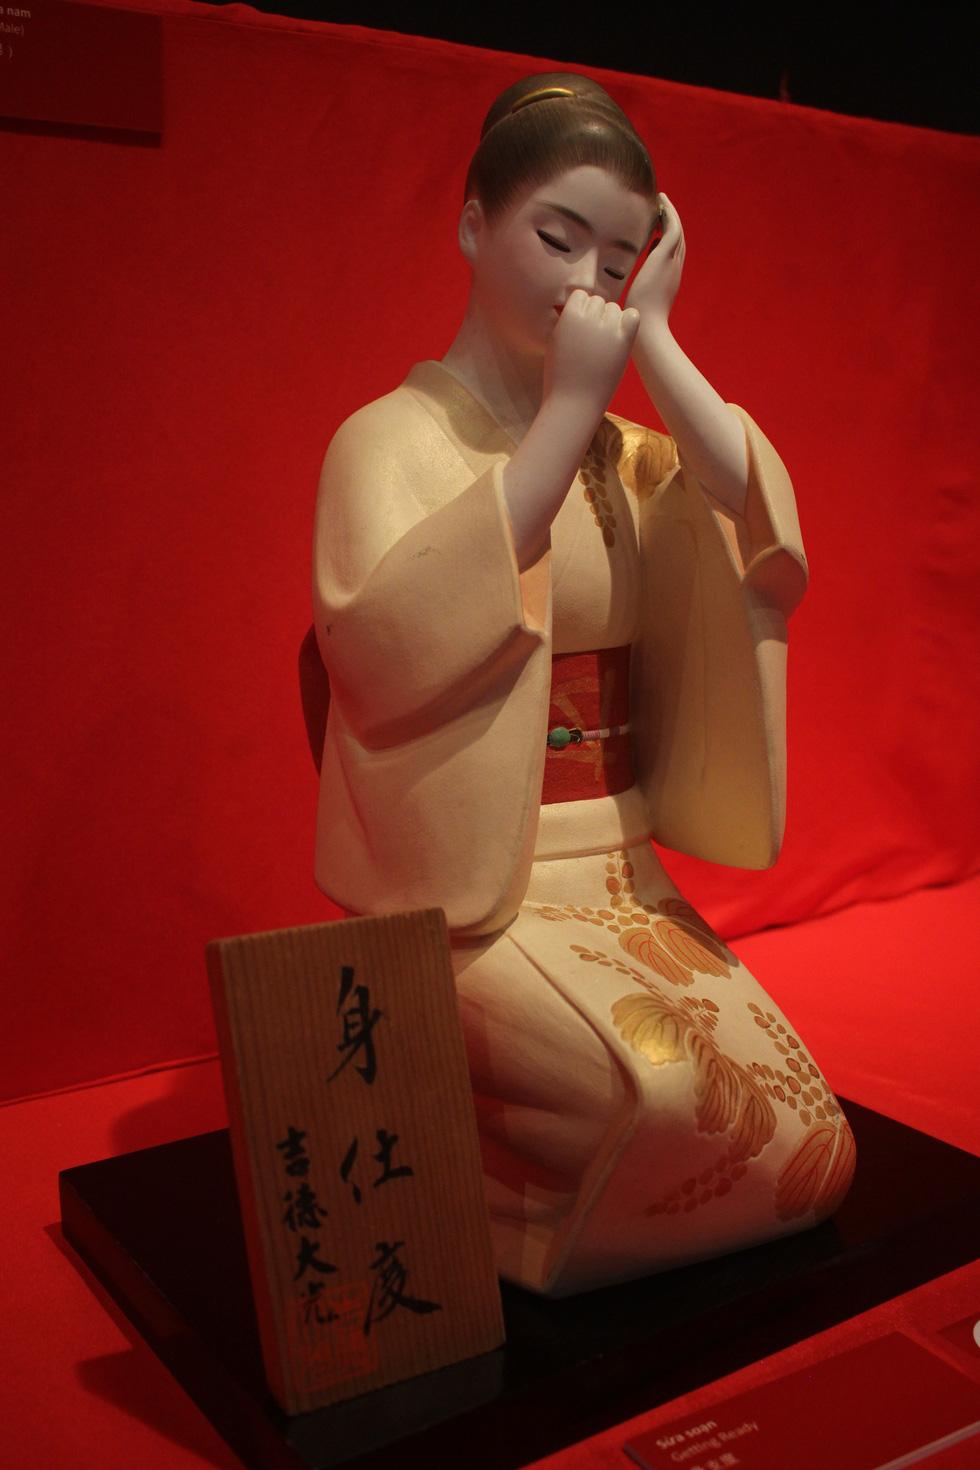 Bí ẩn thế giới búp bê truyền thống Nhật Bản - Ảnh 15.